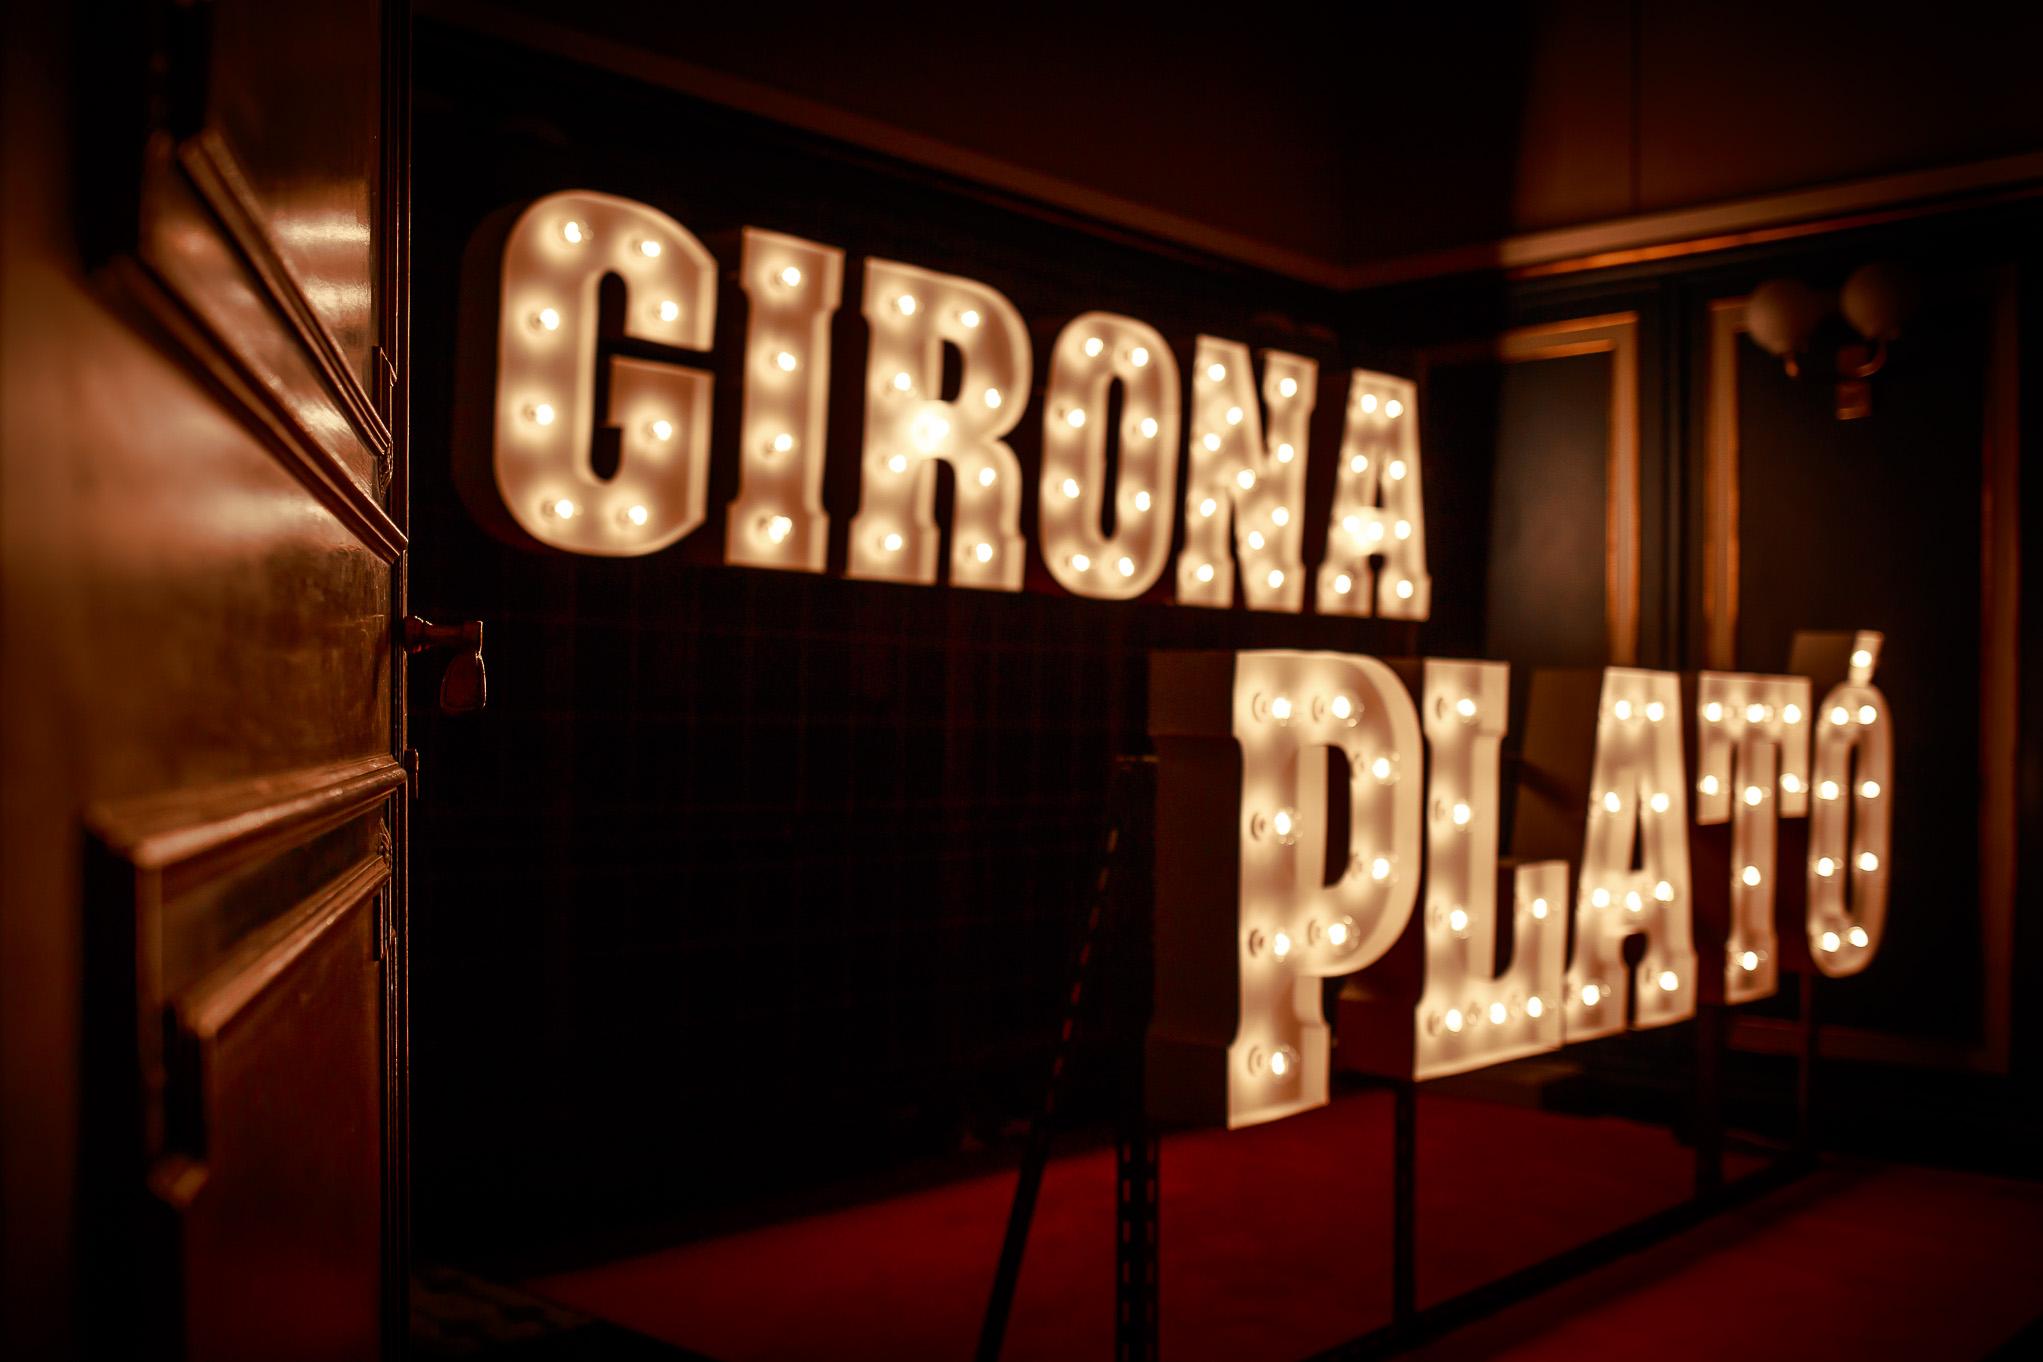 letras-luminosas-exposicion-Girona-Plato